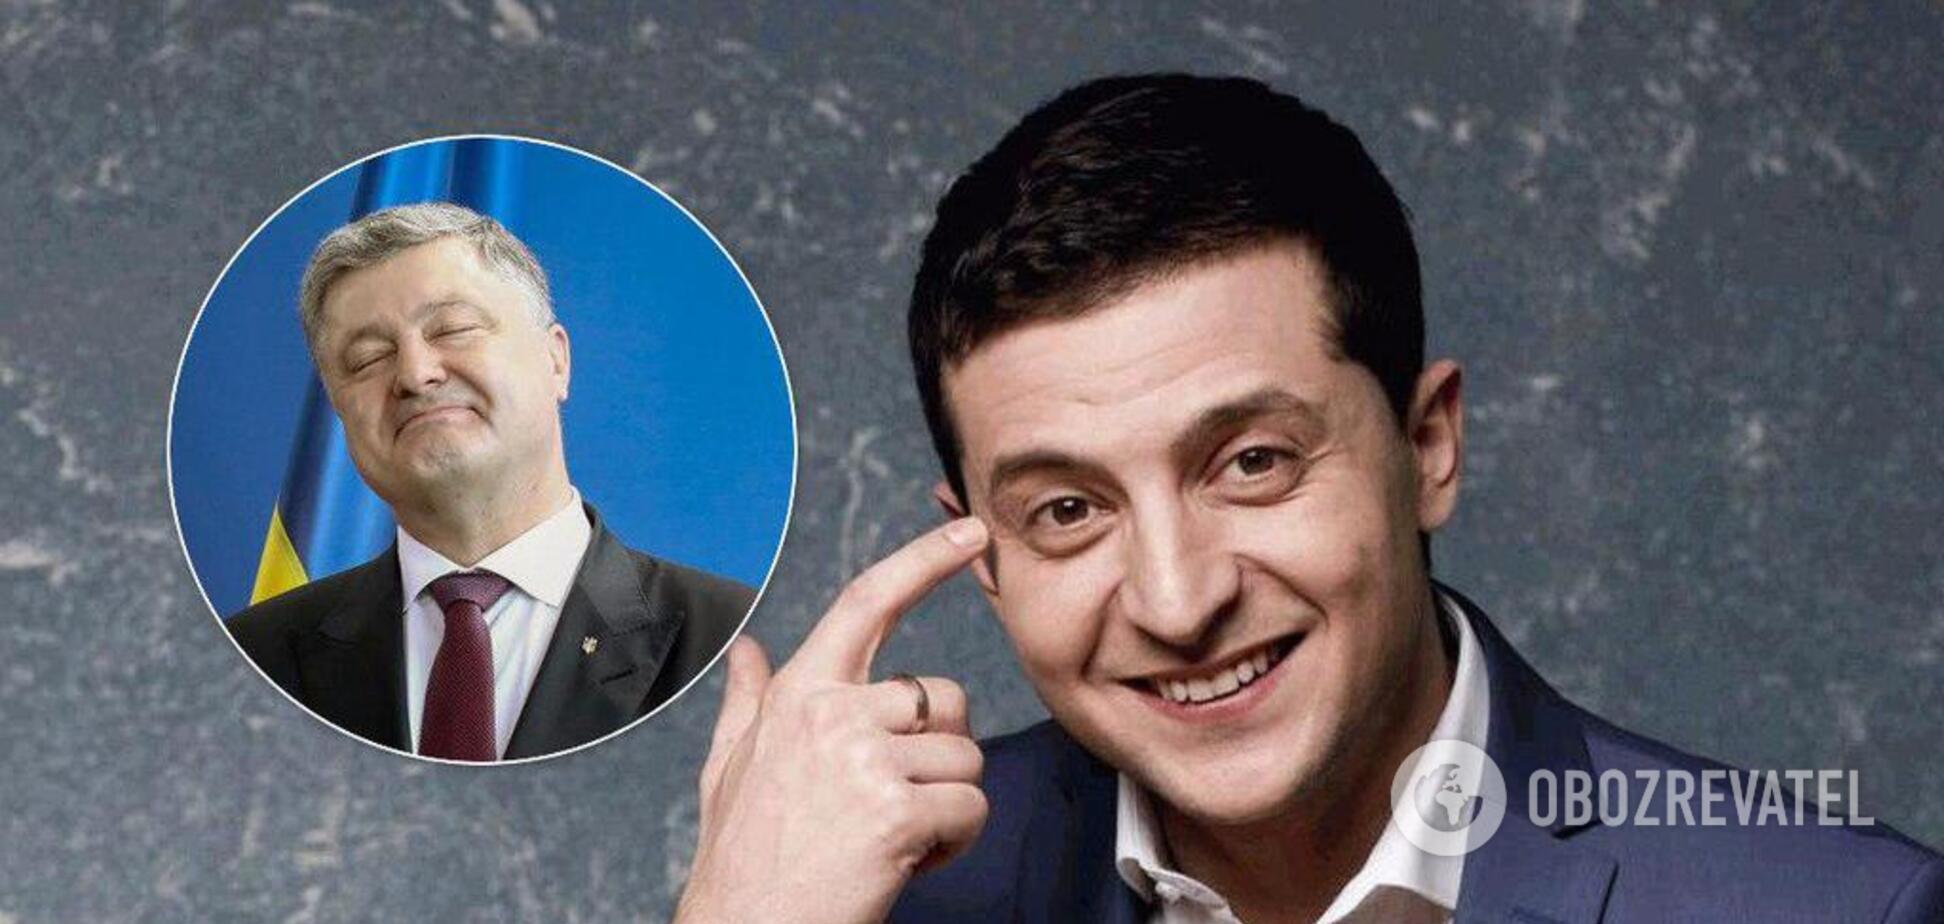 'Думали, вже дно, але знизу постукали': у Зеленського відповіли на ролик із 'вбивством' кандидата